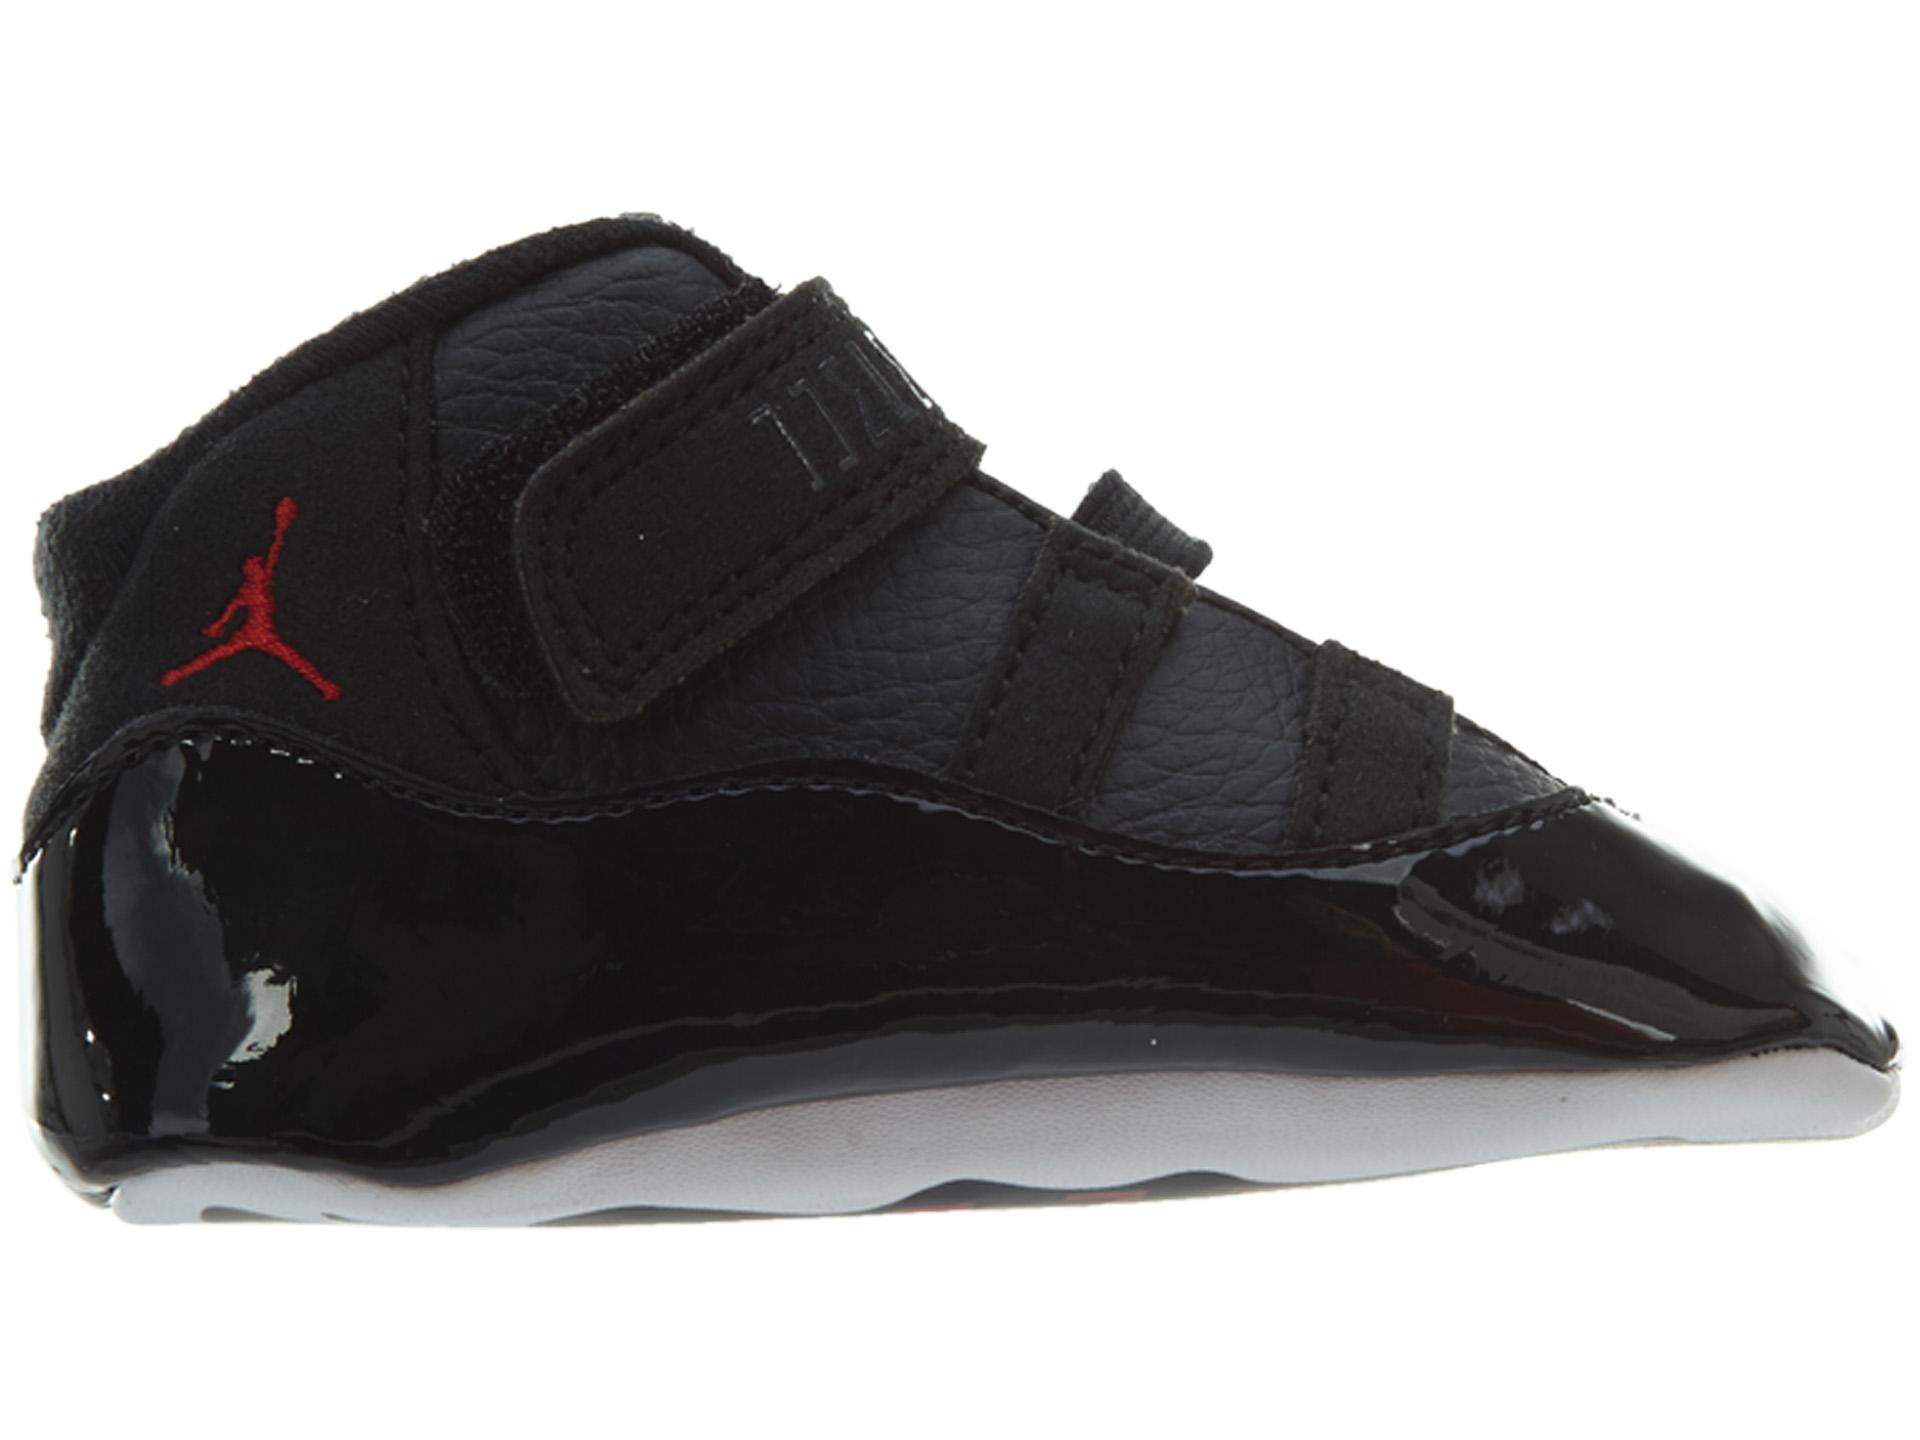 d60b9b64e78 Jordan - Nike Air Jordan 11 Retro  72-10  Infant Gift Pack Black Shoes  378049-002 Size 2 - Walmart.com